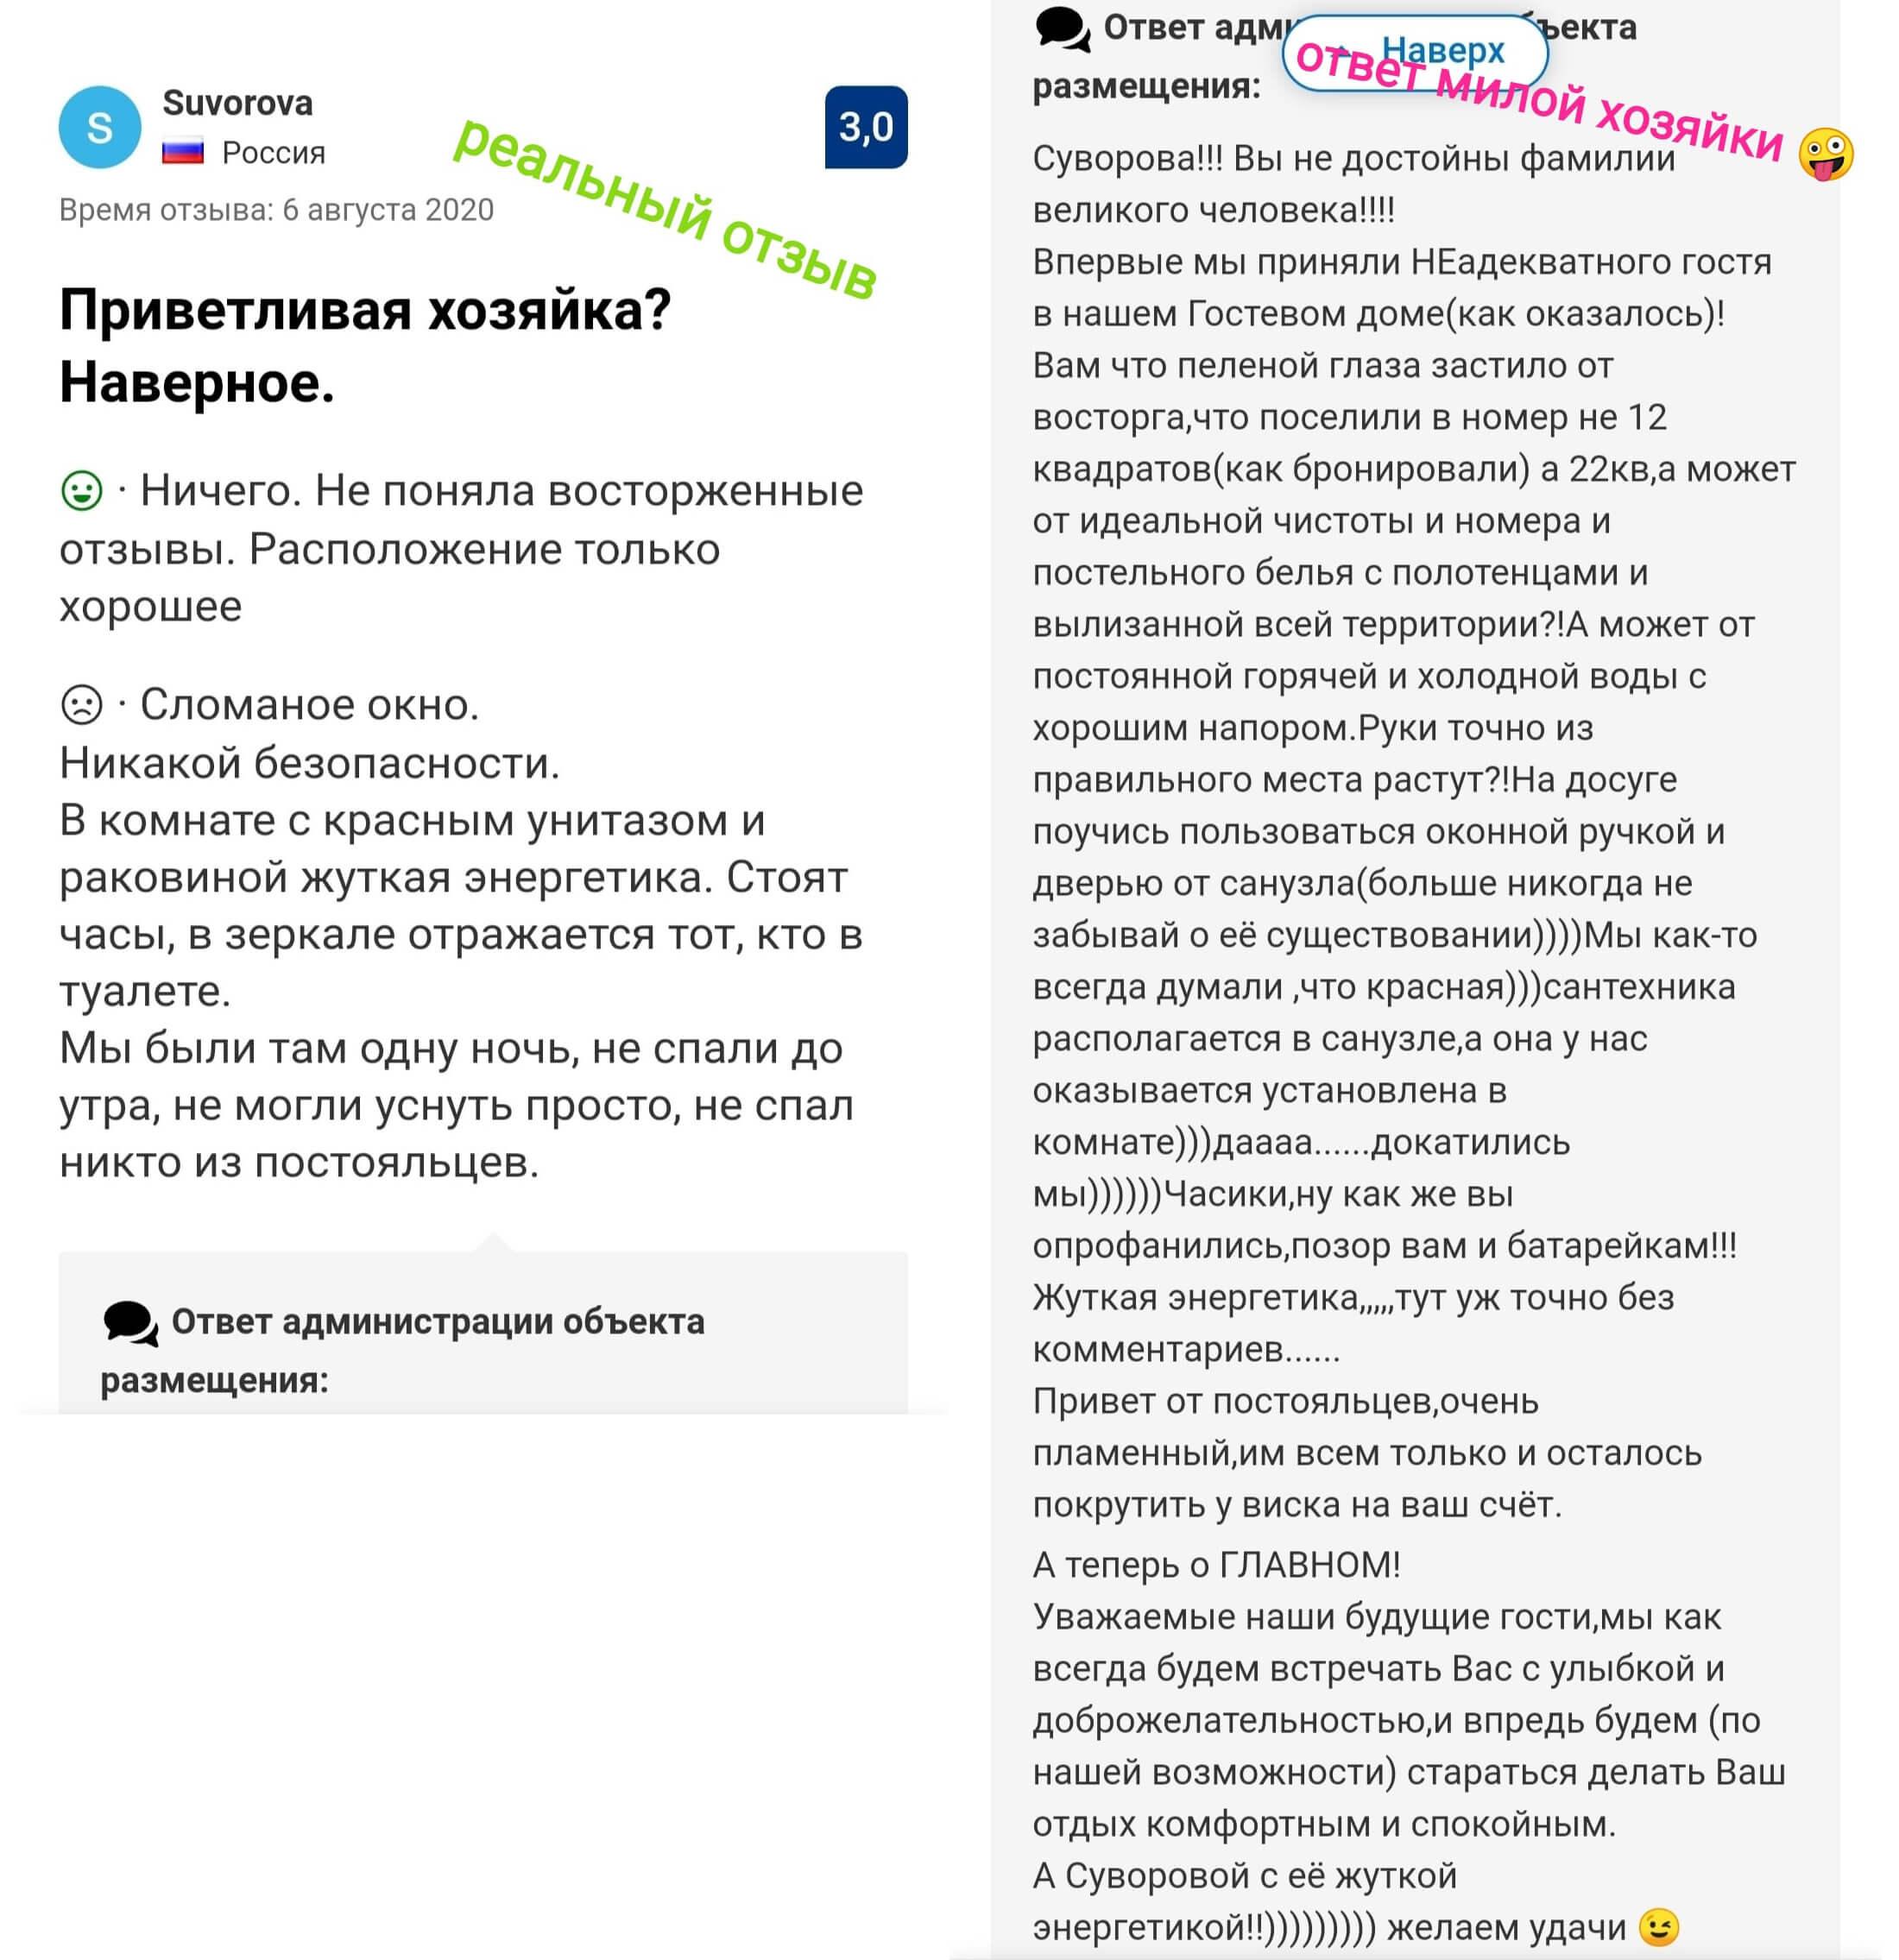 Обман туристов на юге России